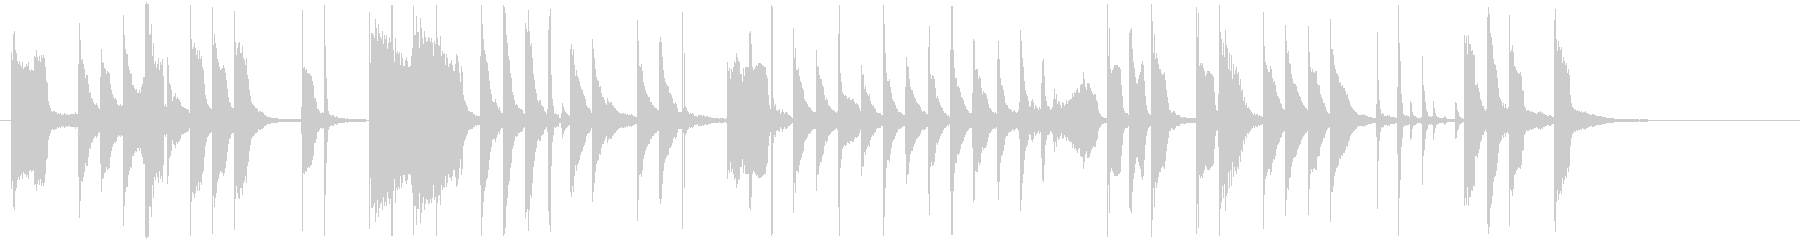 ライトでポップ!トレンドCM系サウンドの未再生の波形